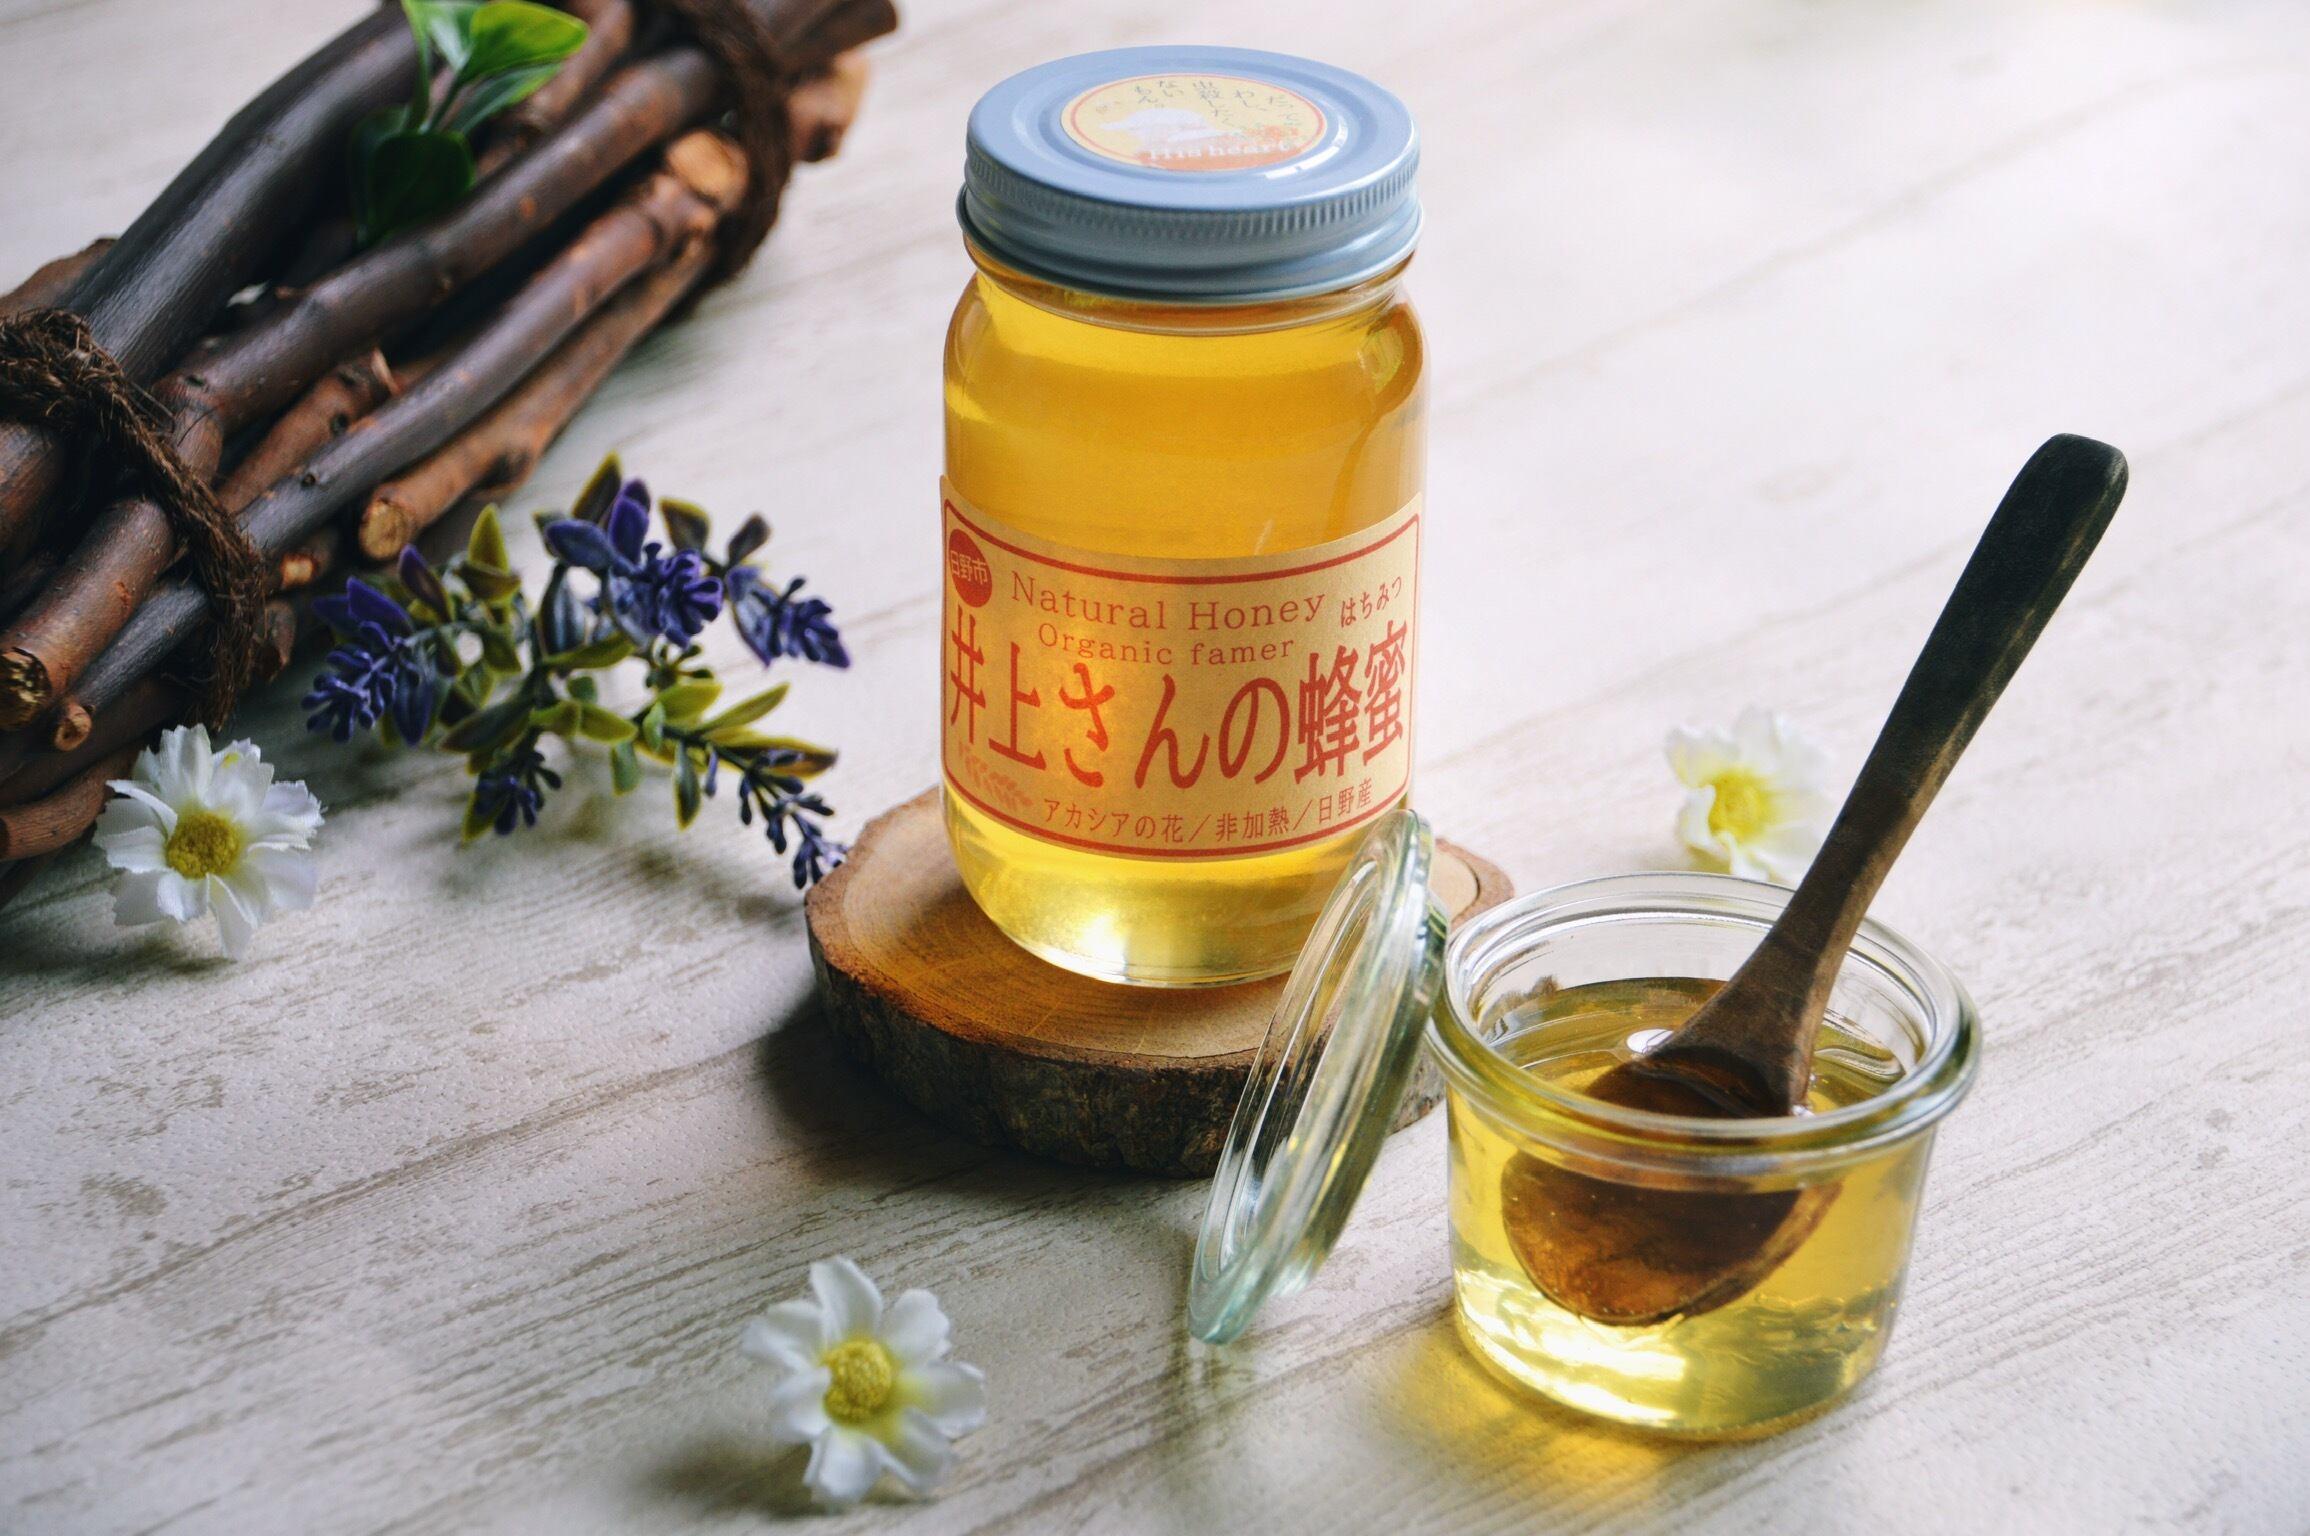 井上さんの蜂蜜〜Natural Honey〜